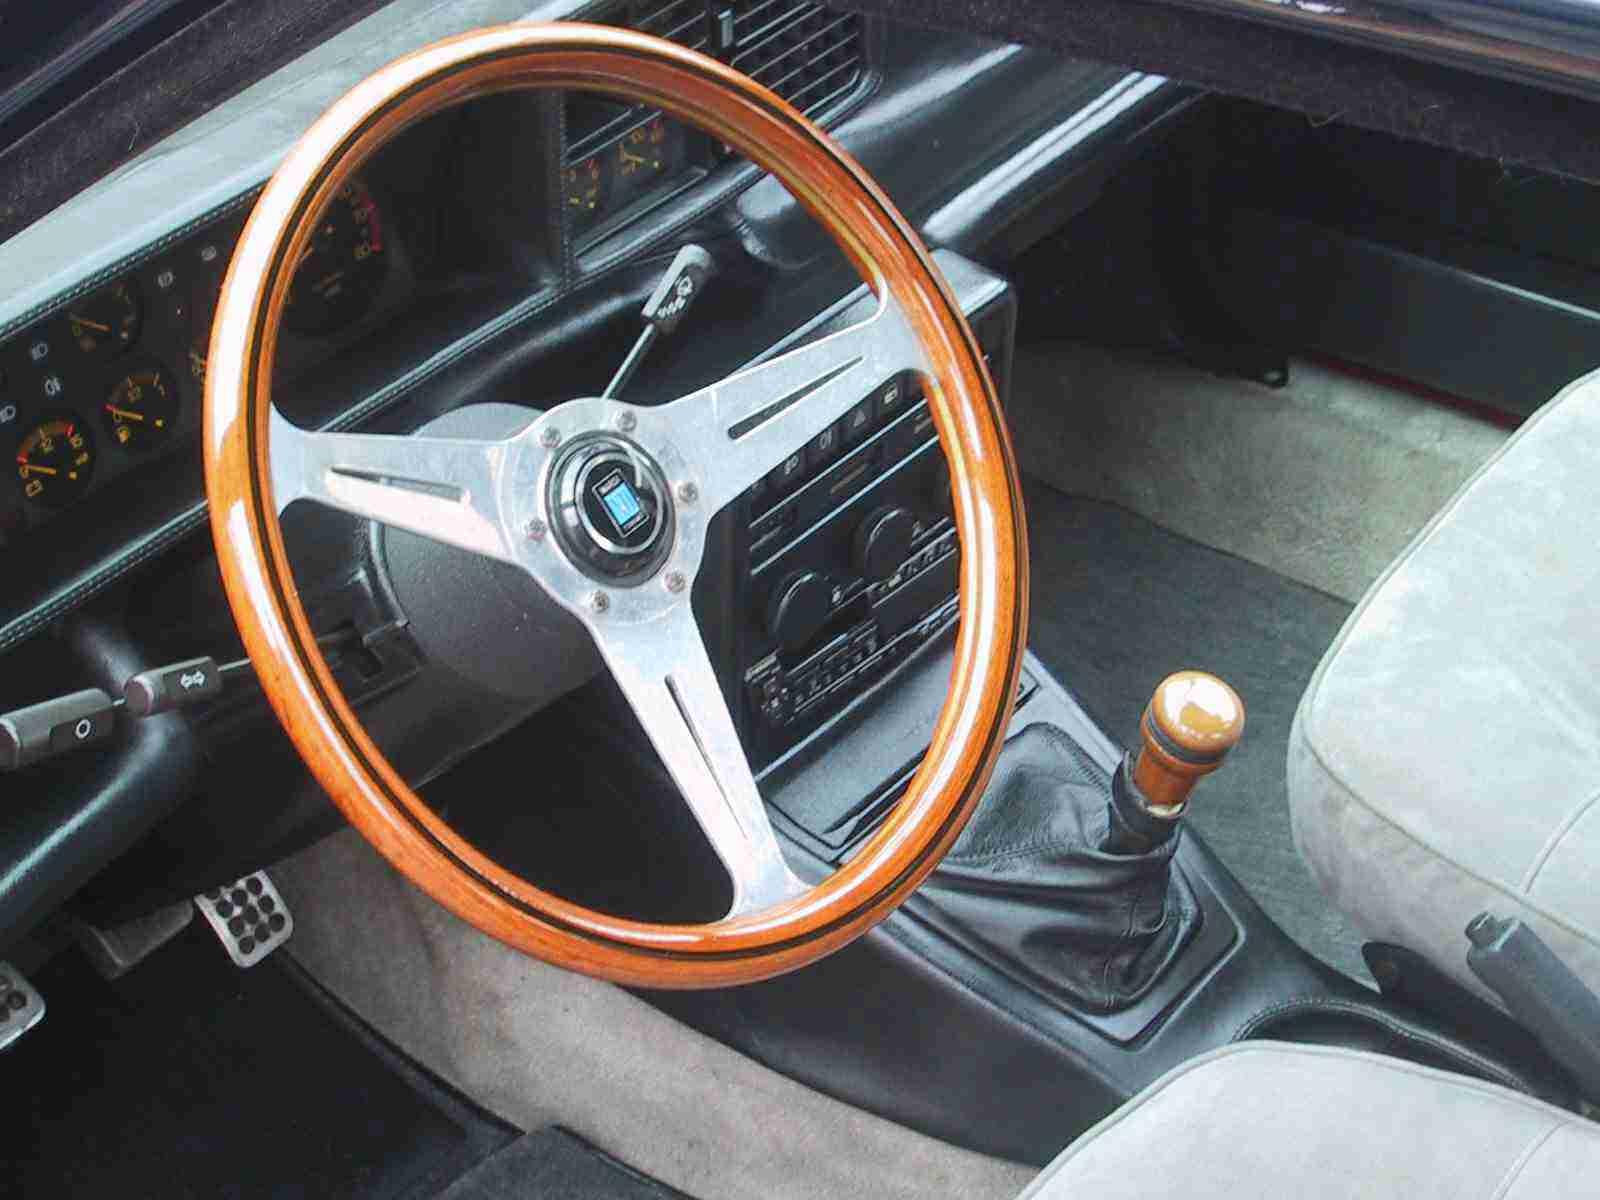 Interni della Lancia Prisma Avv. Agnelli